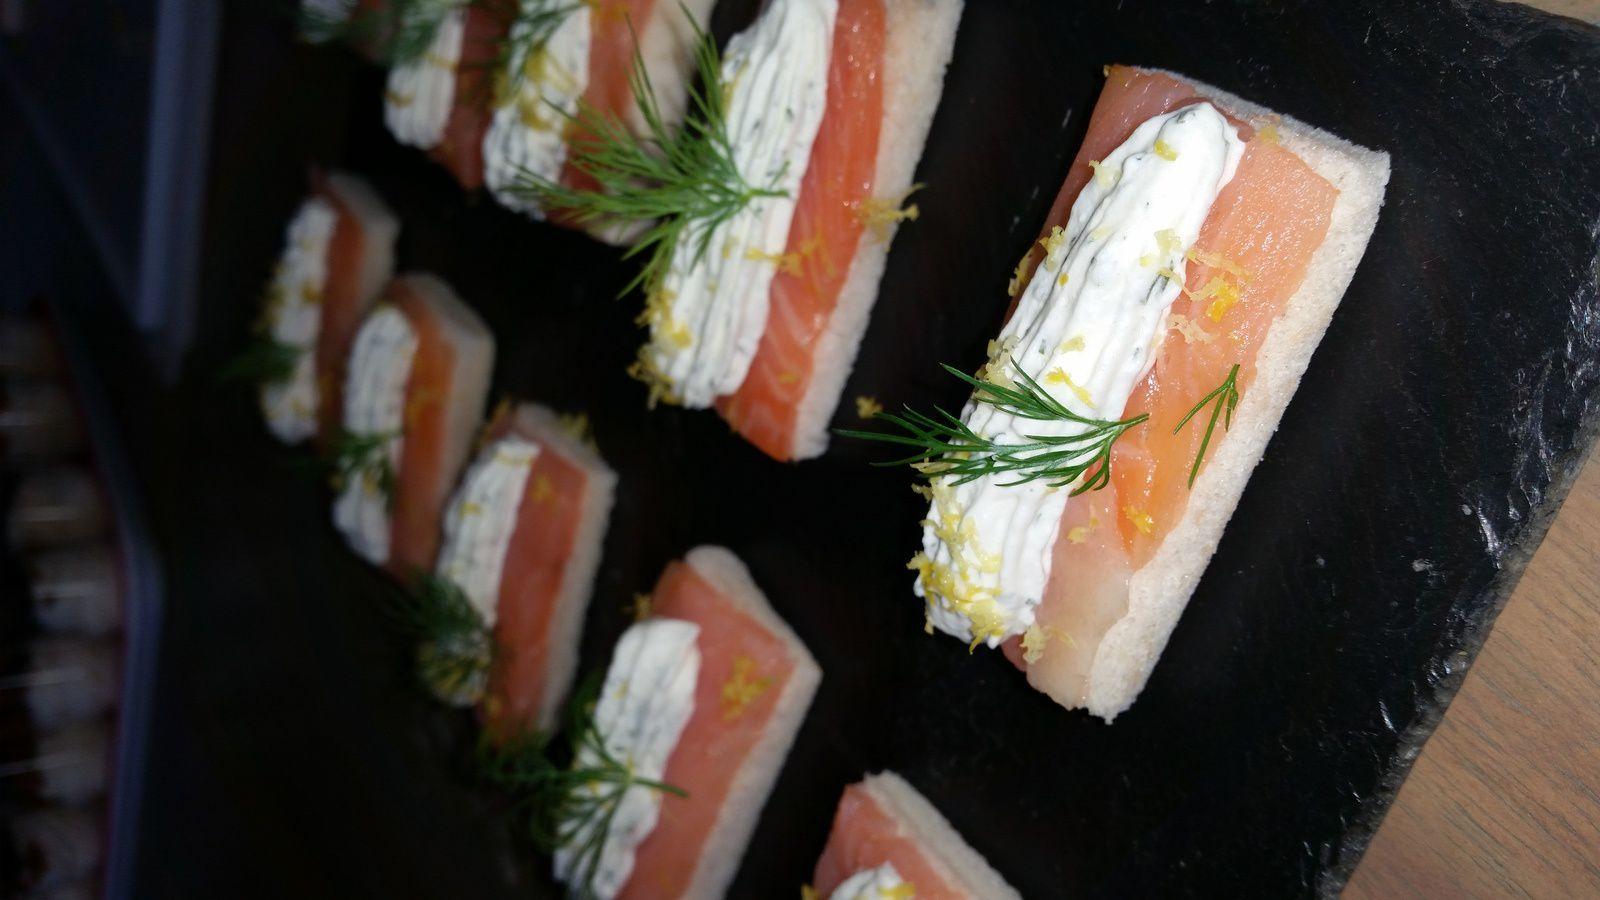 Galerie des créations culinaires de séb....